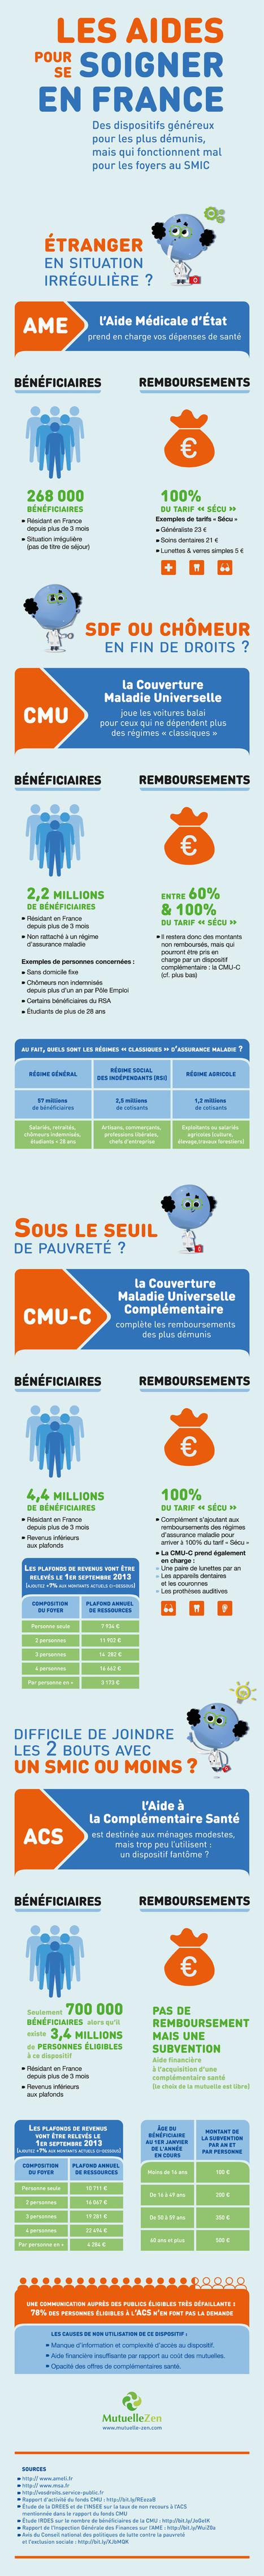 Infographie : les aides pour se soigner en France | FLI FLE | Scoop.it